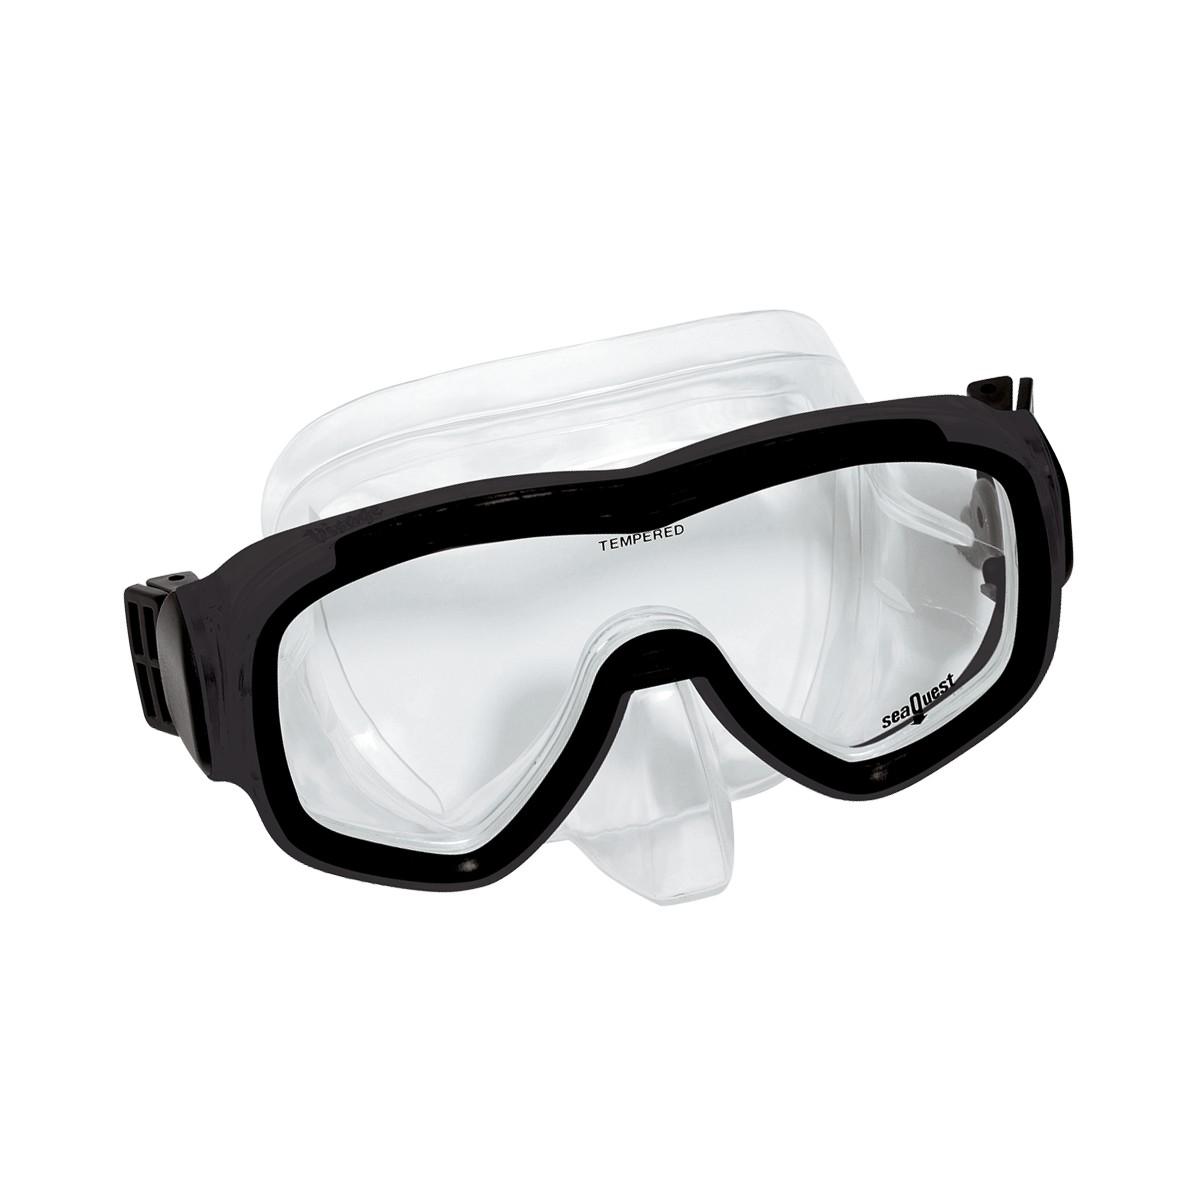 Aqua Lung Visage Dive Mask